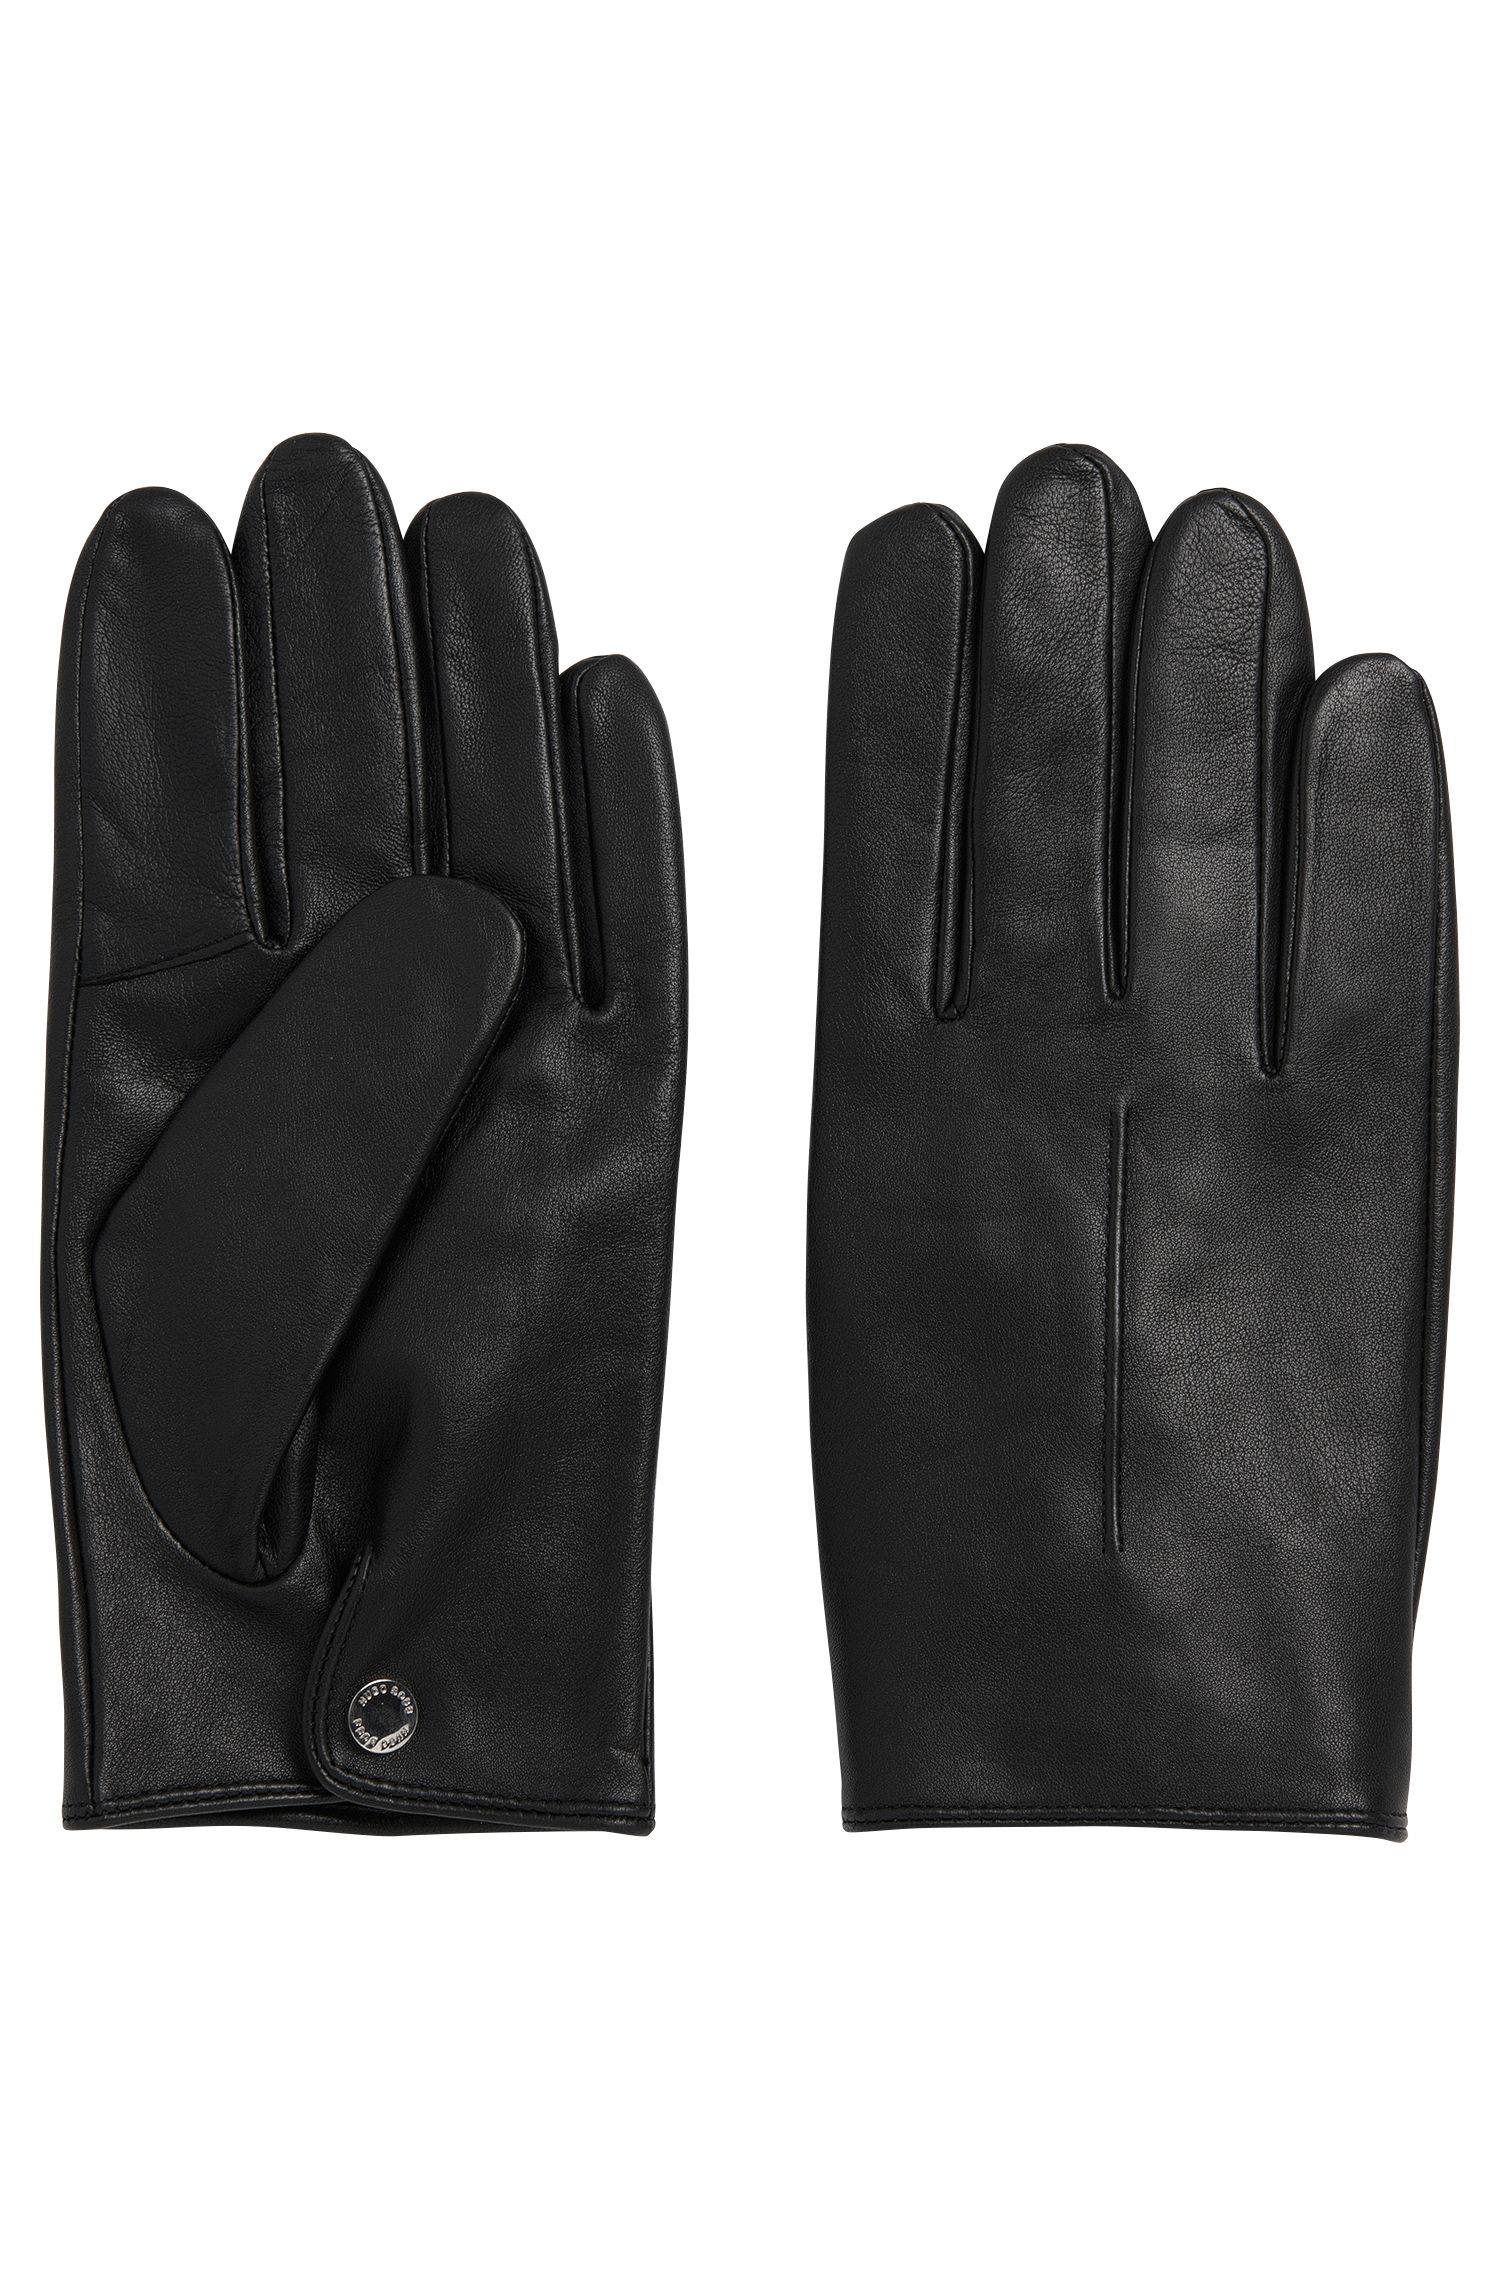 Handschuhe aus Leder mit Druckknopfverschluss: 'Harol'